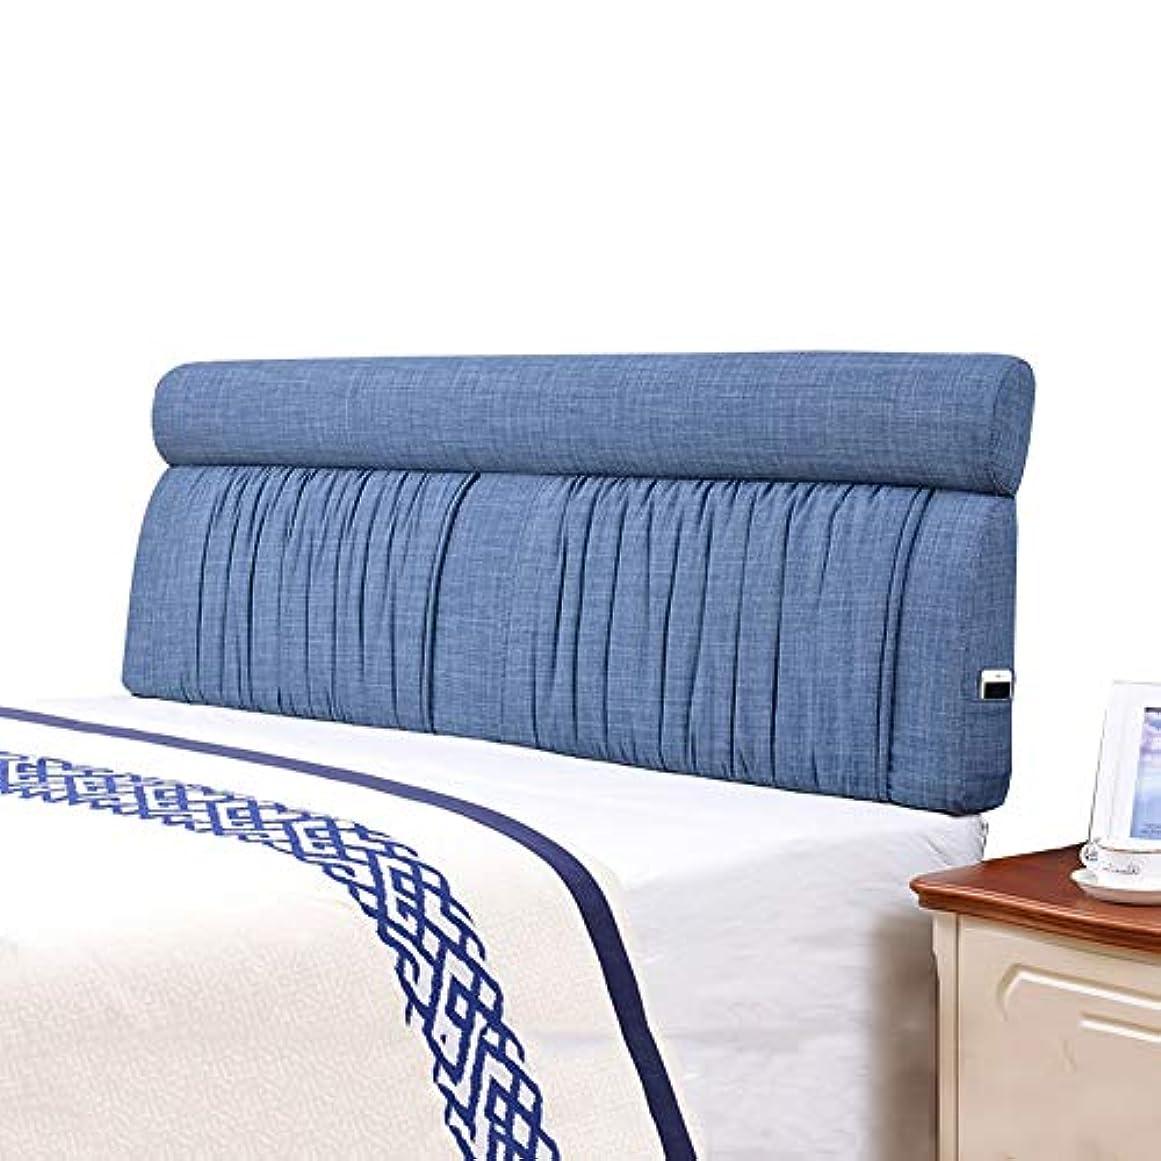 科学君主制力強いLIANGLIANG クッションベッドの背もたれ ベッド背もたれクッション快適な柔らかいスポンジ充填洗える、5色、9サイズ (色 : 青, サイズ さいず : 160x60x12cm)